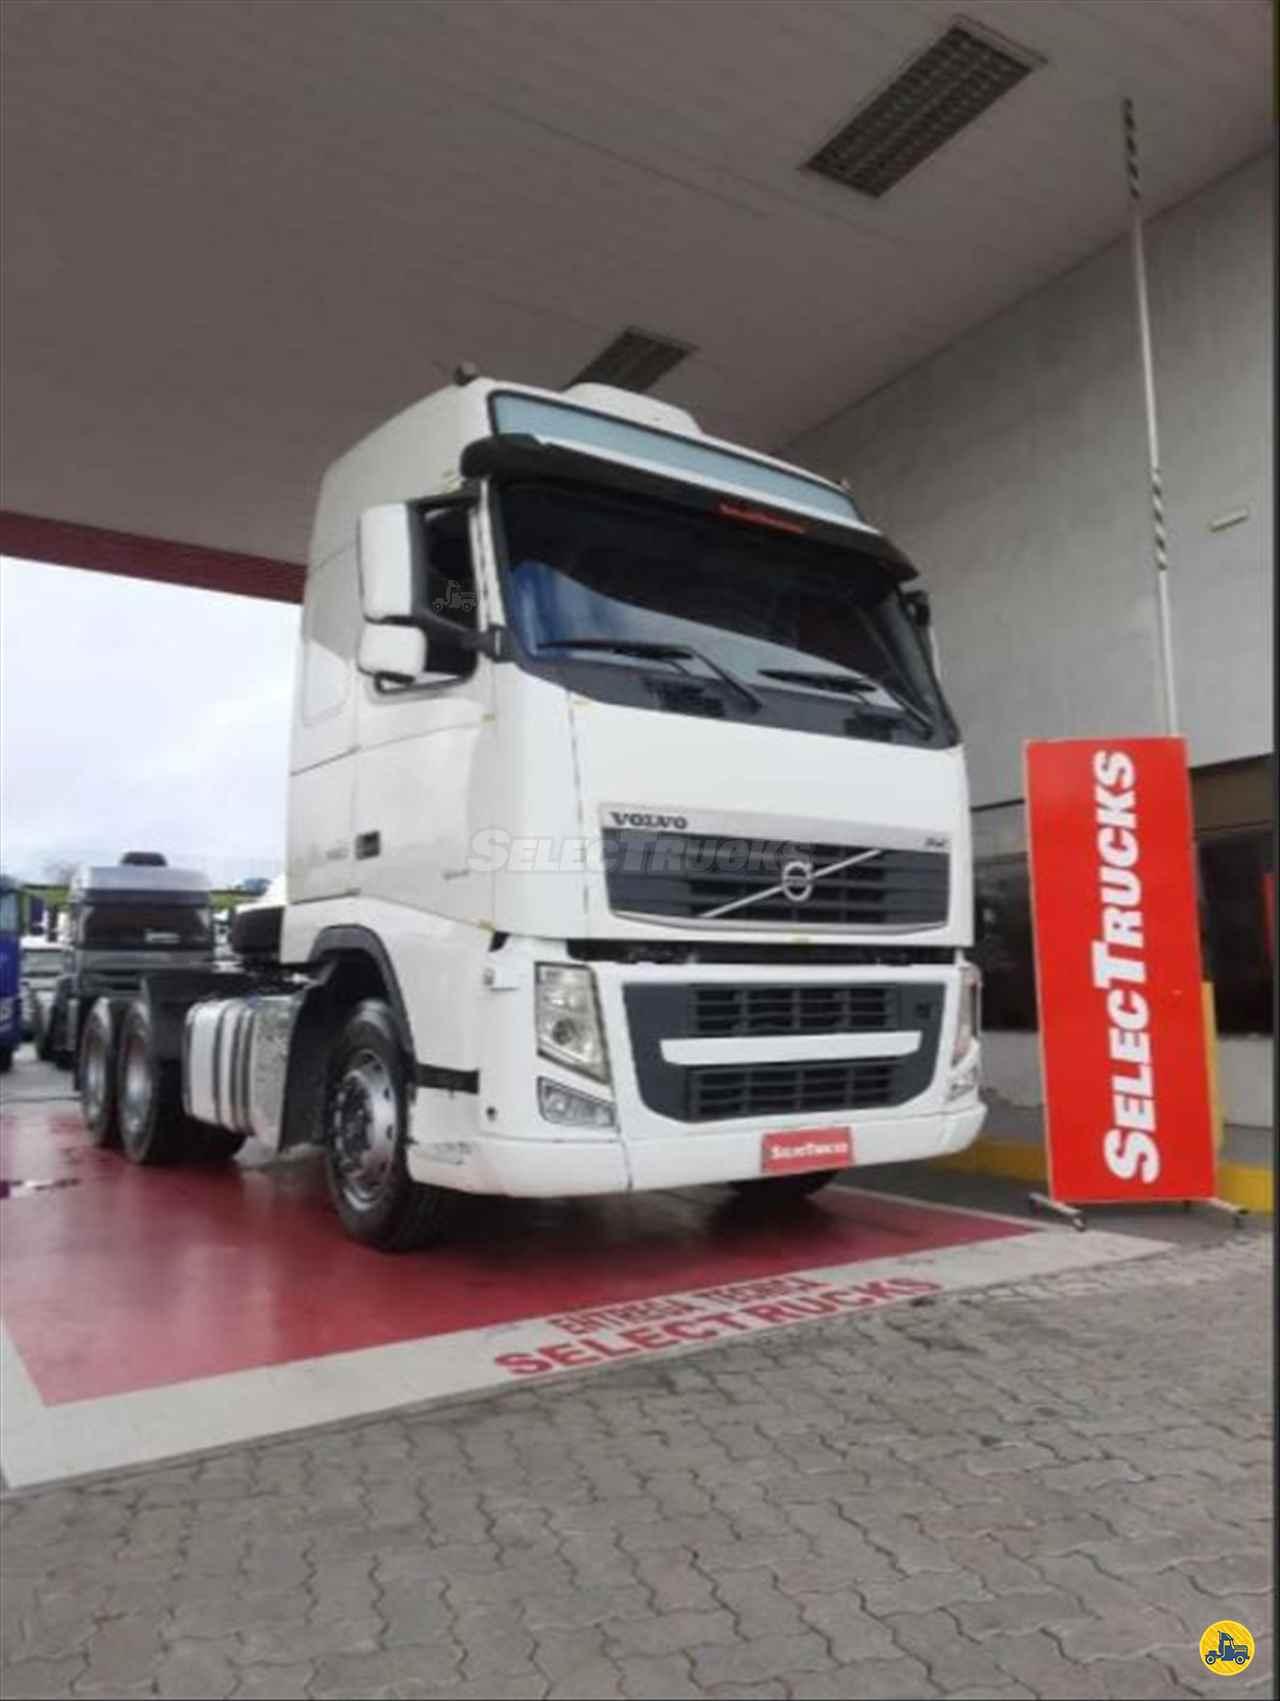 CAMINHAO VOLVO VOLVO FH 460 Cavalo Mecânico Truck 6x2 SelecTrucks - Mauá SP - Matriz  MAUA SÃO PAULO SP